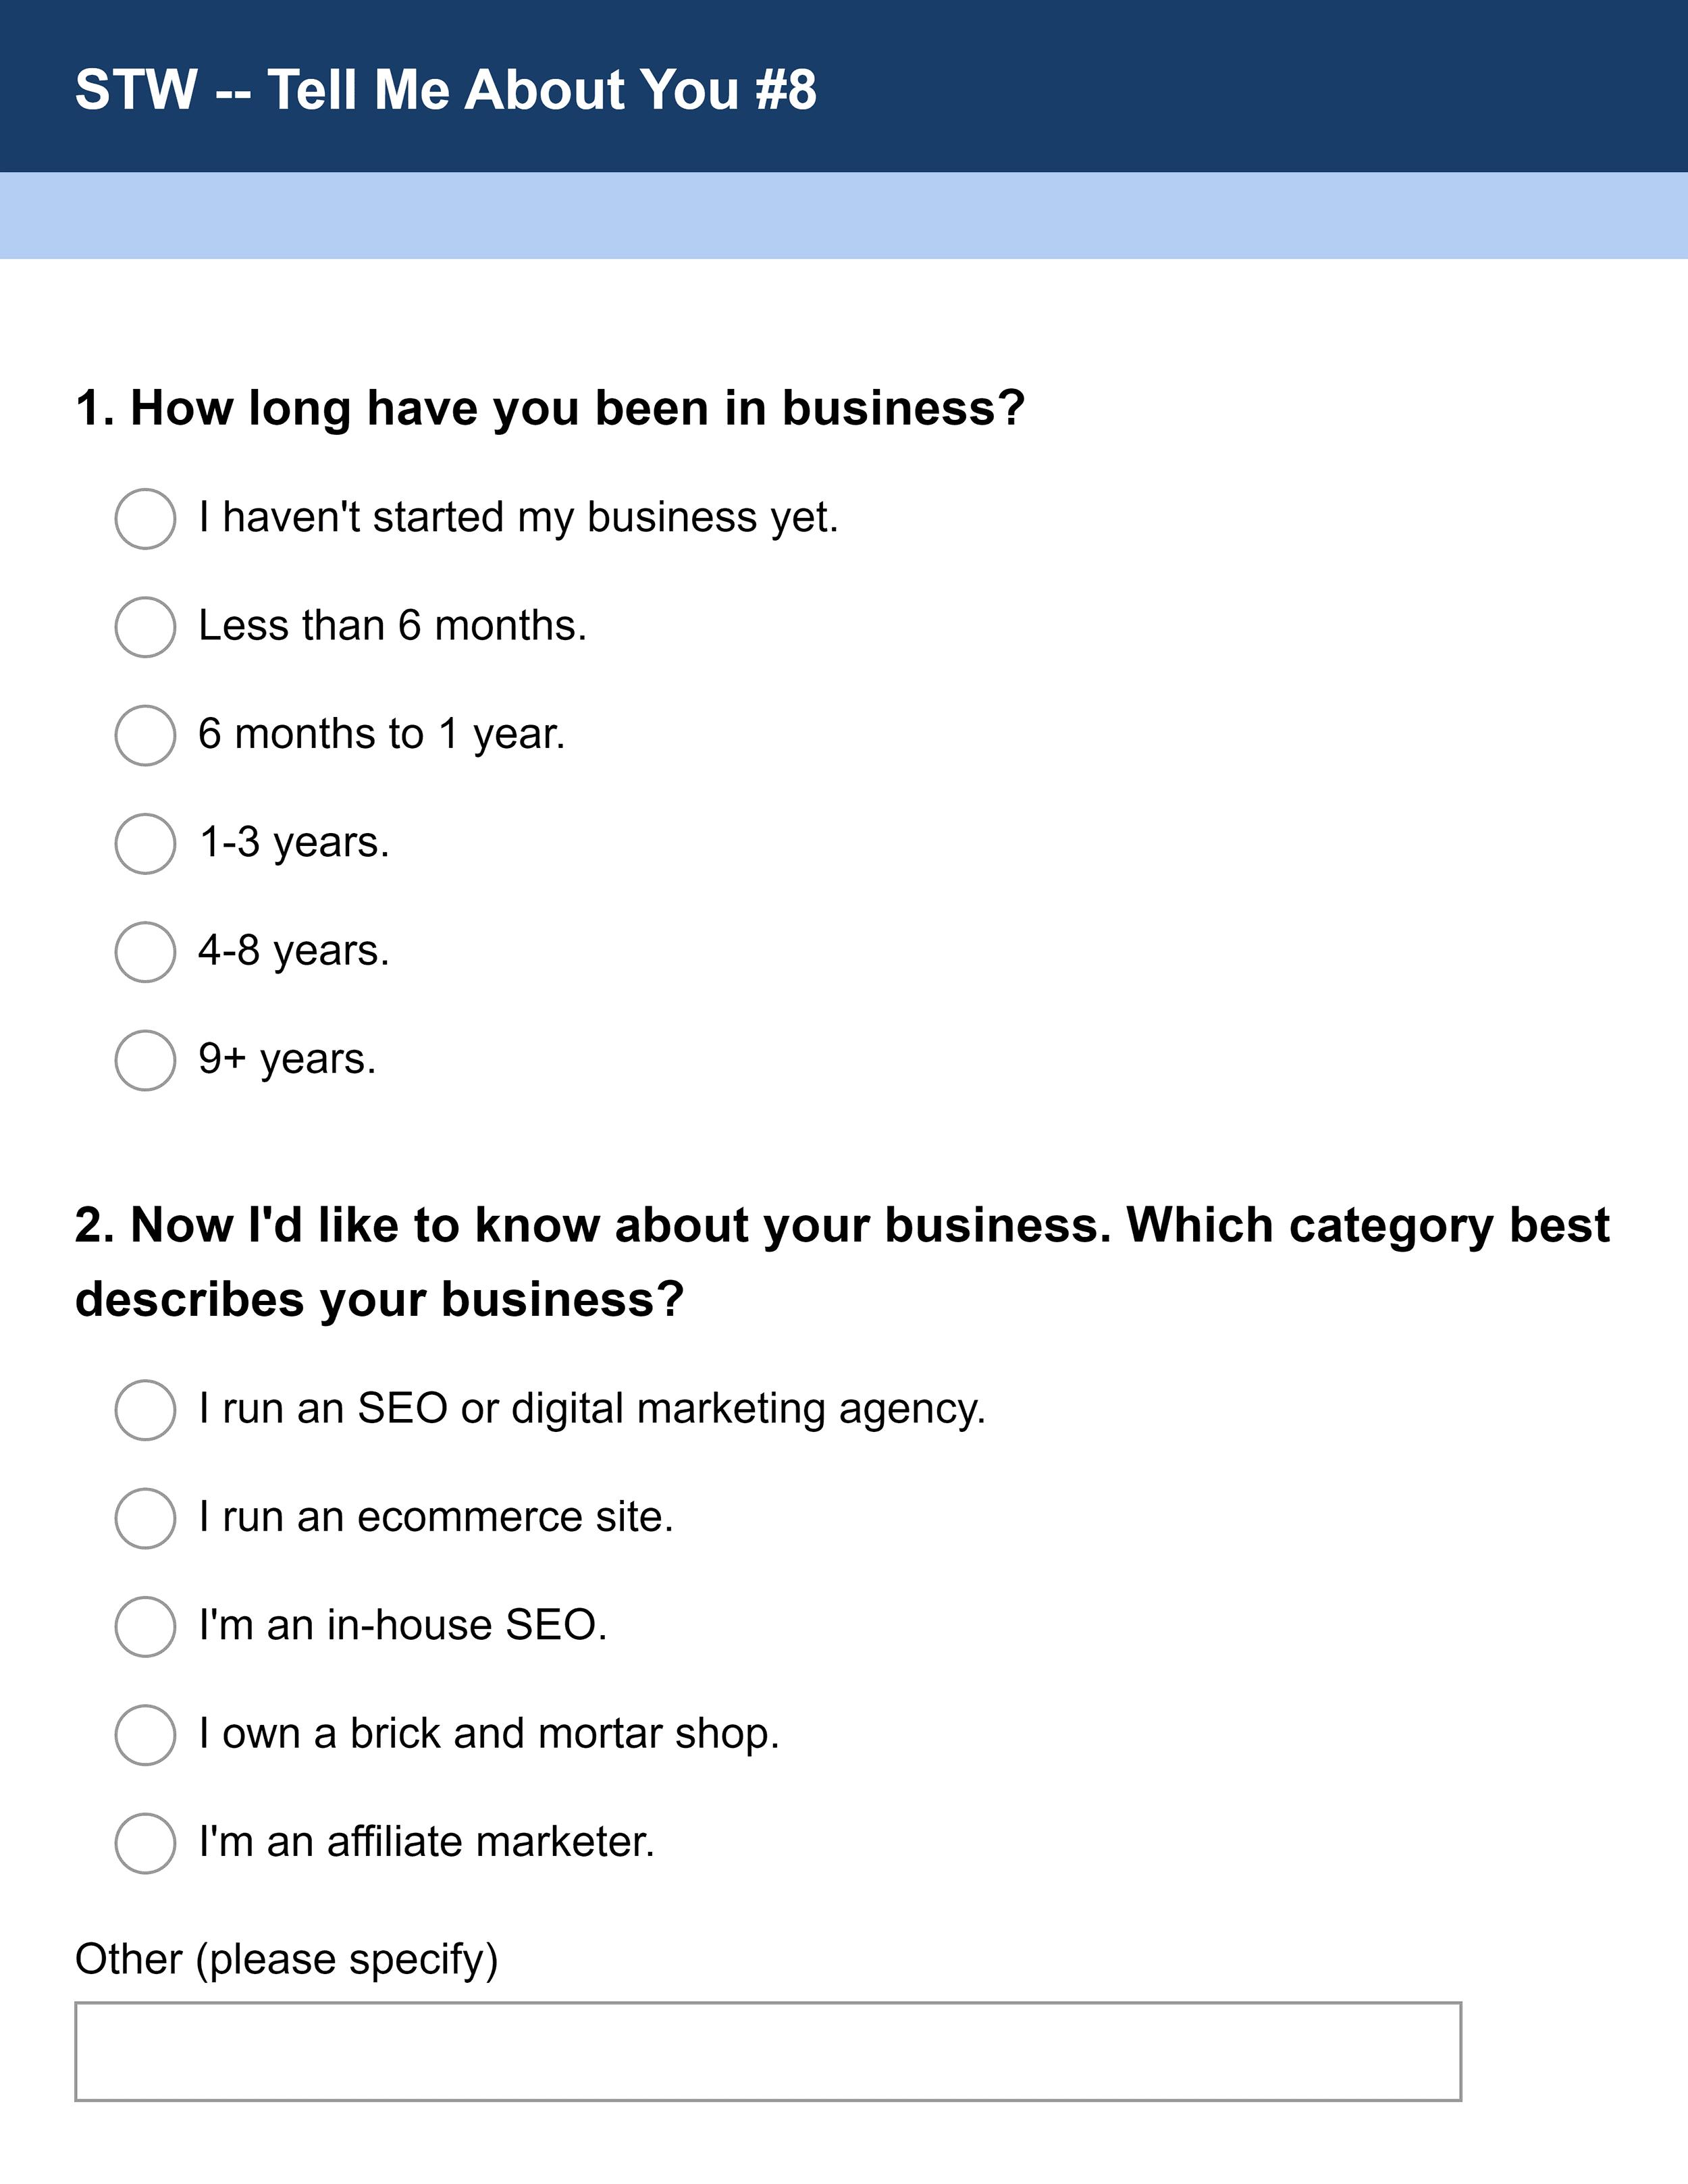 STW survey questions